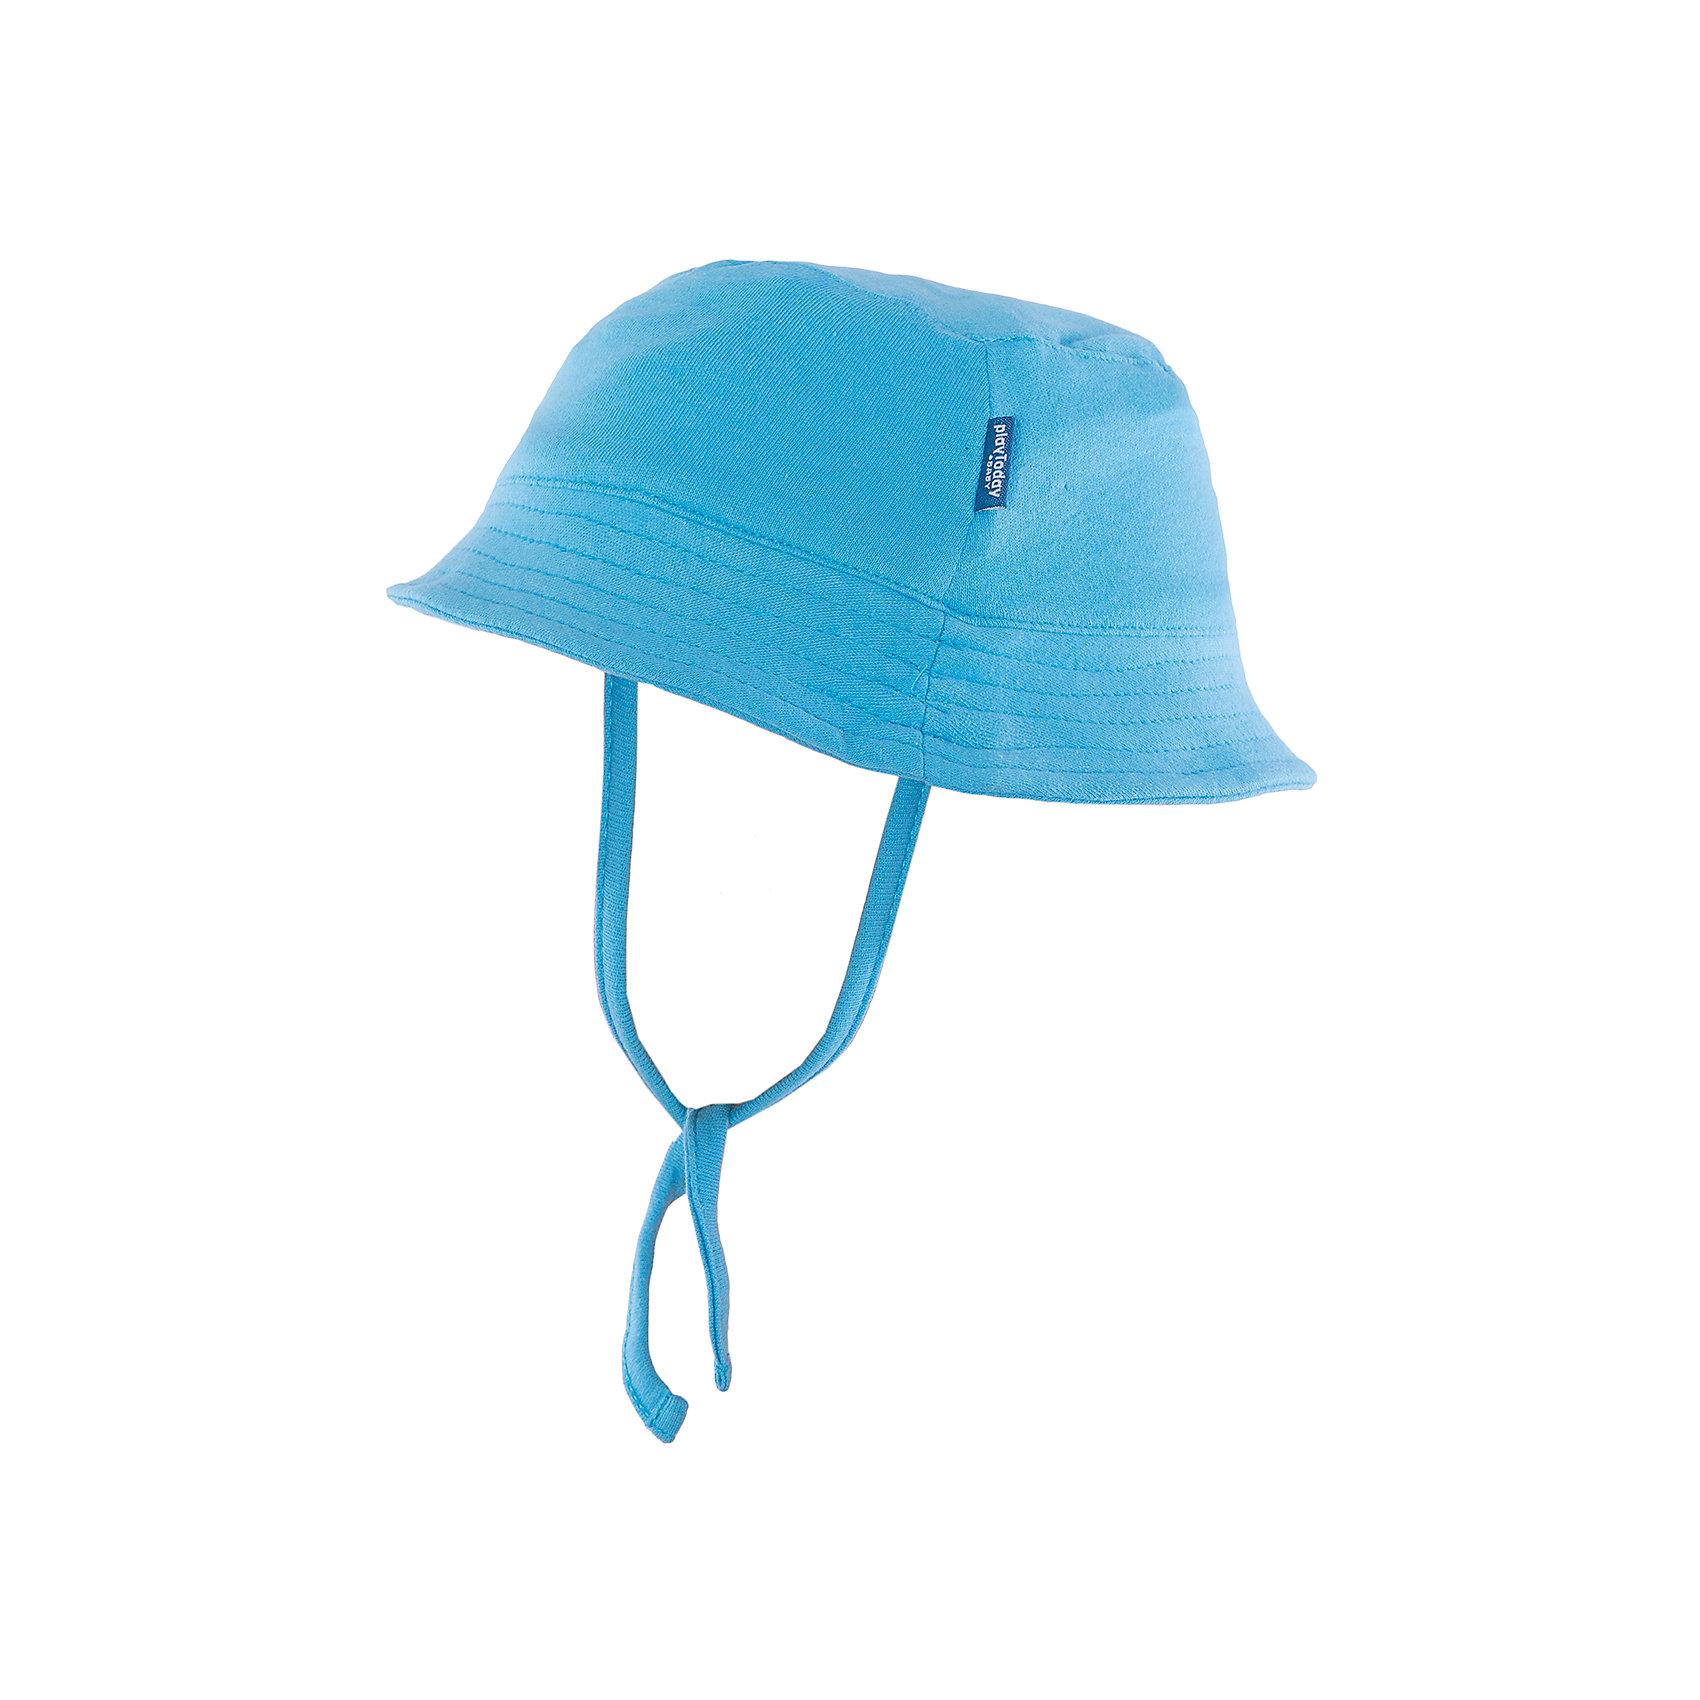 Панама для мальчика PlayTodayШапочки<br>Панама для мальчика от известного бренда PlayToday.  <br>Состав: 100% хлопок<br><br>Ширина мм: 89<br>Глубина мм: 117<br>Высота мм: 44<br>Вес г: 155<br>Цвет: голубой<br>Возраст от месяцев: 0<br>Возраст до месяцев: 3<br>Пол: Мужской<br>Возраст: Детский<br>Размер: 40,44,42<br>SKU: 3987294